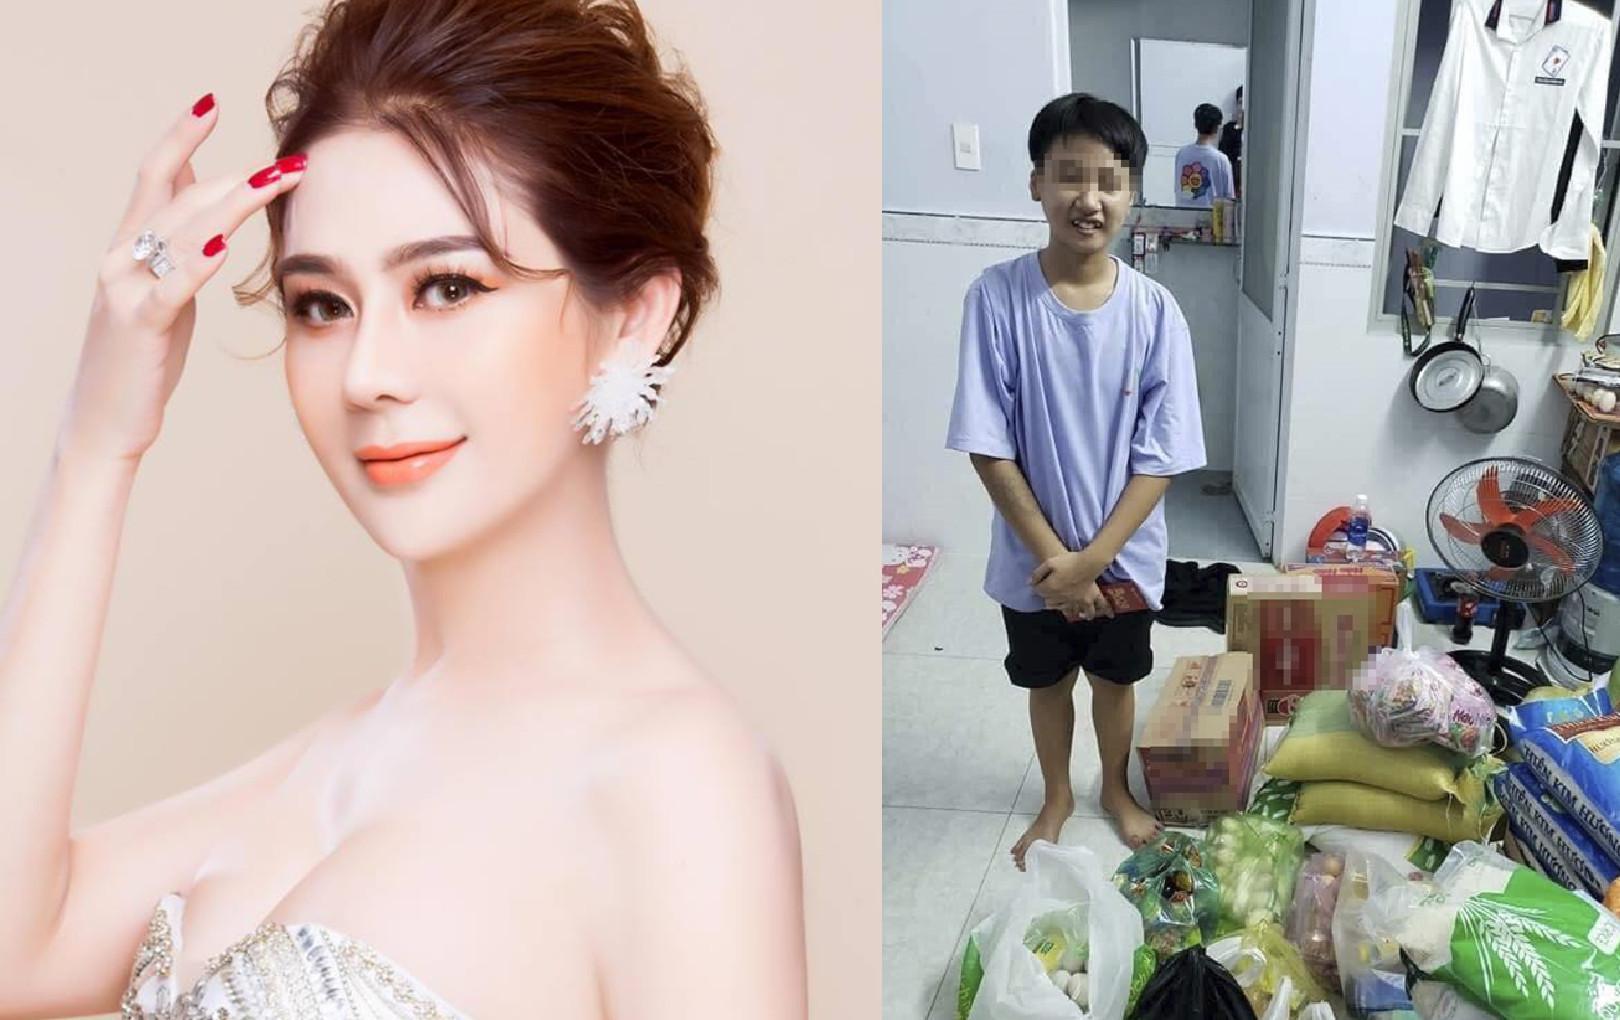 """Lâm Khánh Chi lên tiếng bênh vực cô gái LGBT bị từ chối nhận gạo: """"Chị sẵn sàng giúp em, bao nhiêu gạo cũng được"""""""